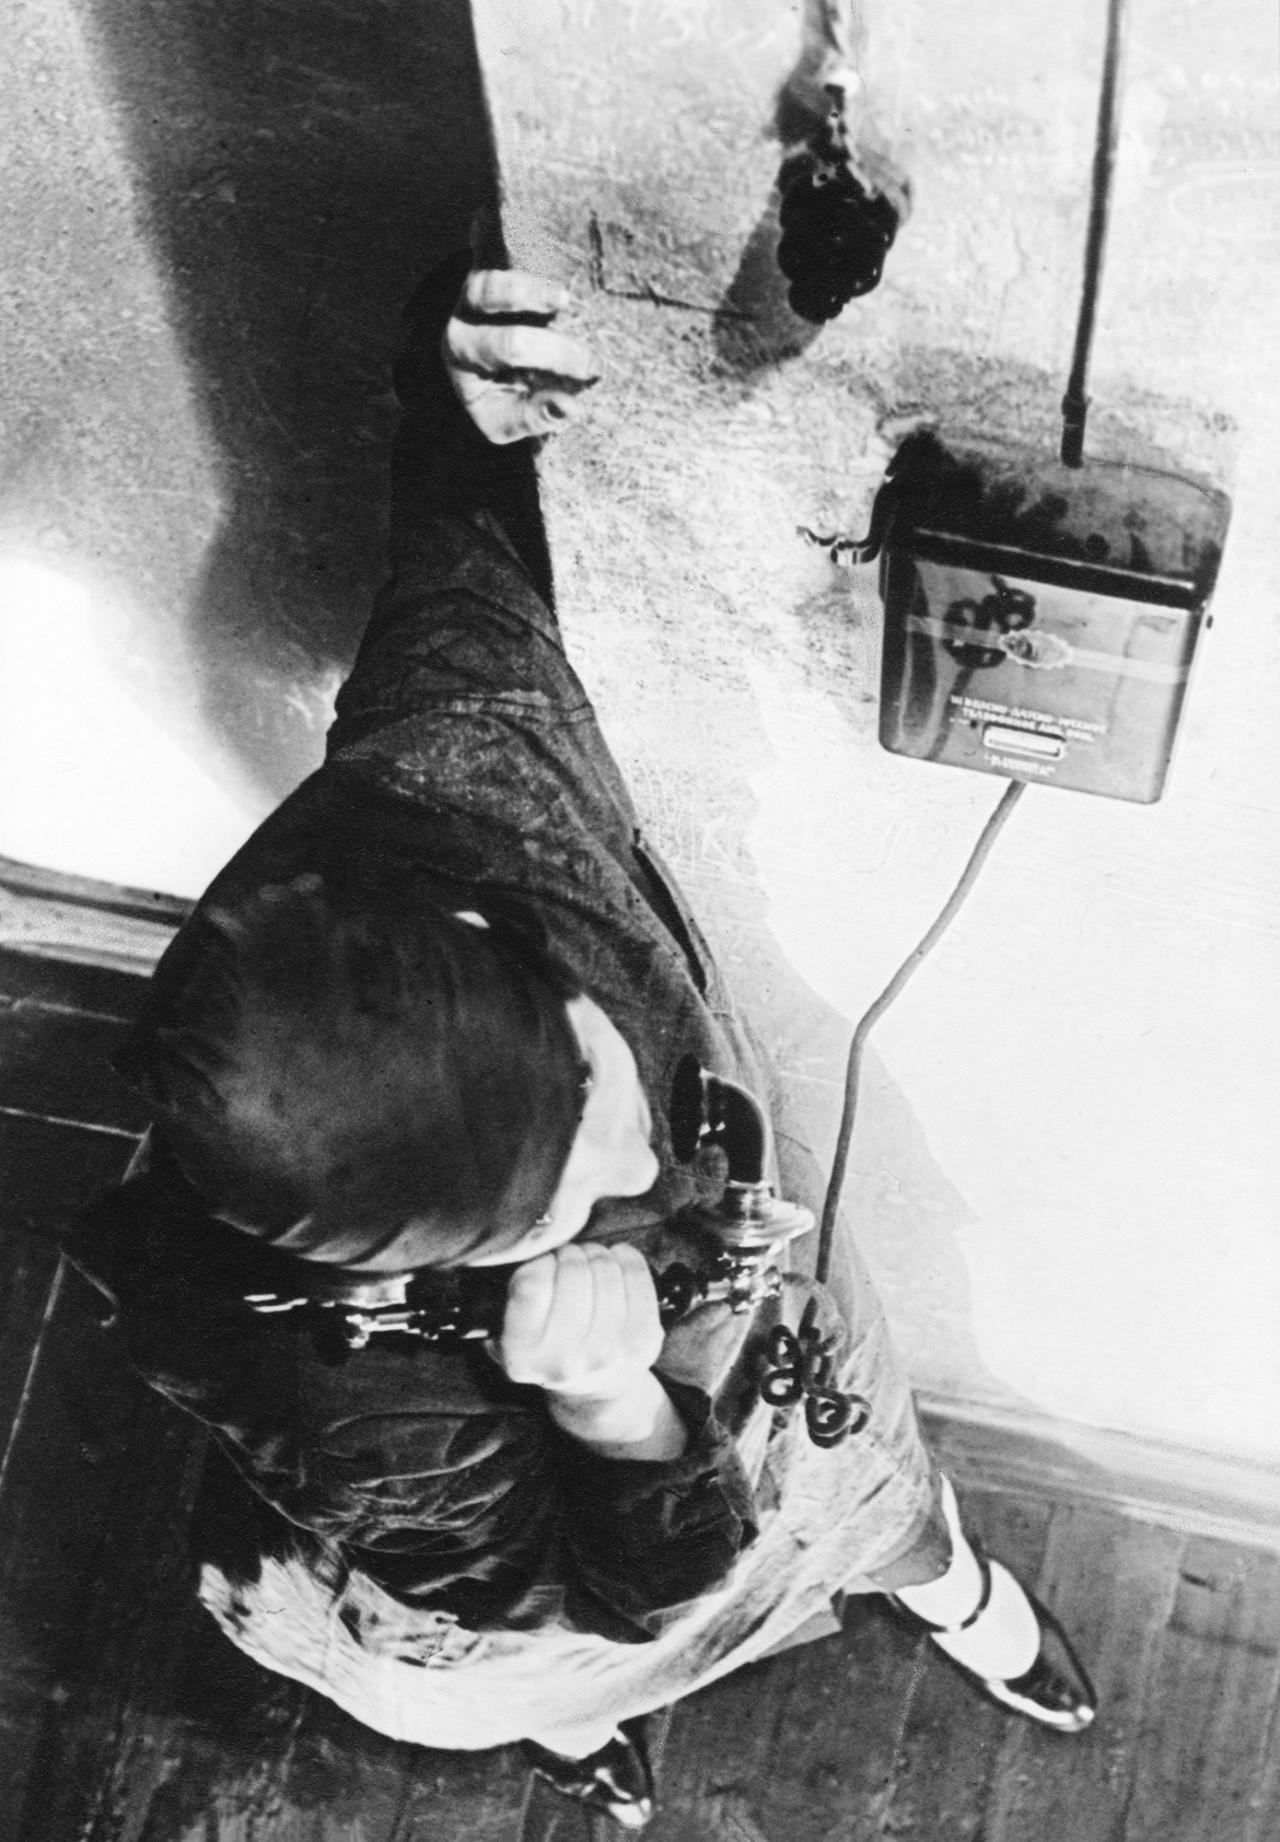 Девушка-курьер, 1928. Фотограф Александр Родченко